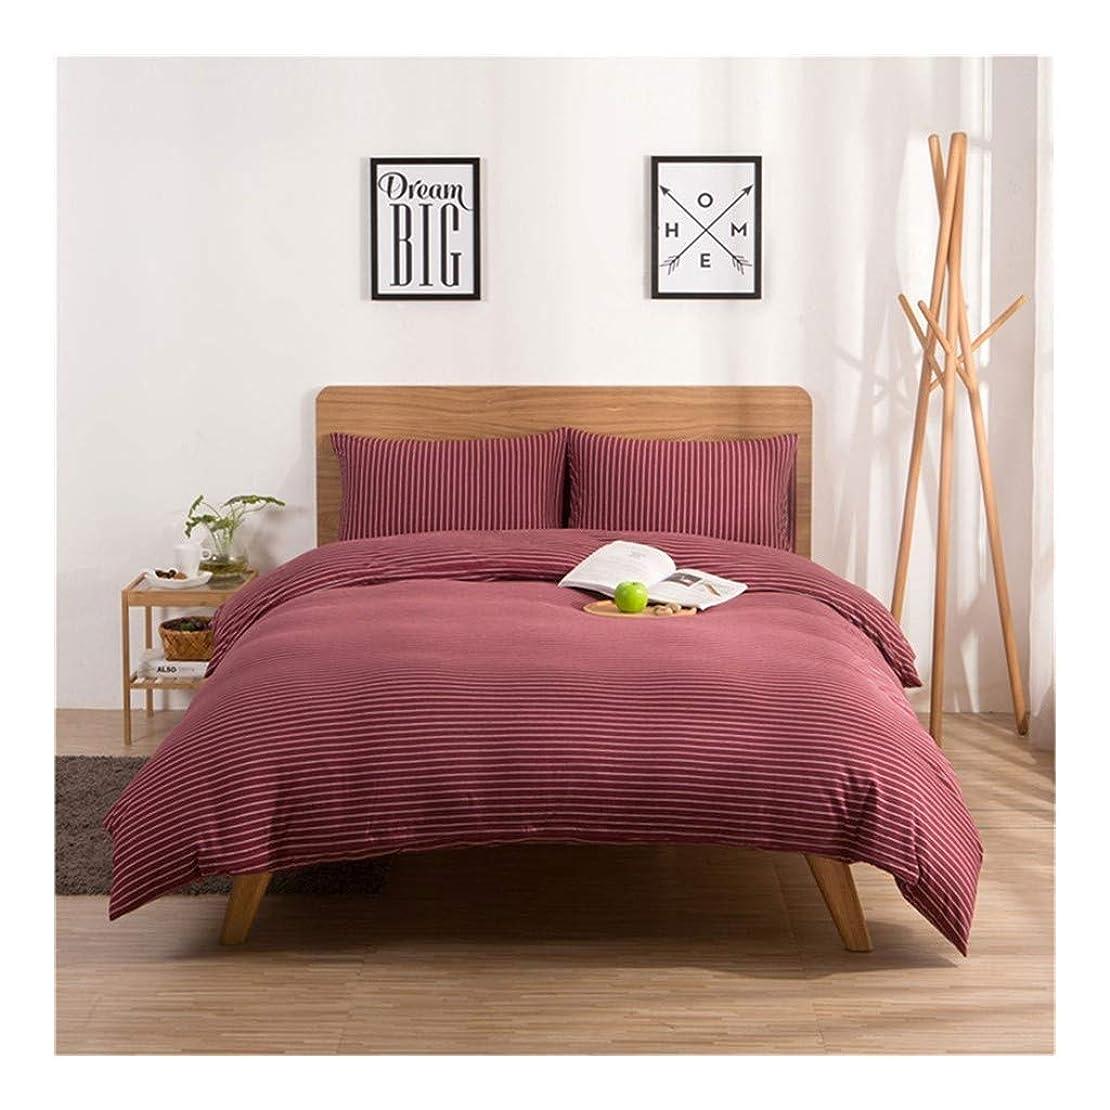 シソーラスかもめにんじん肌に優しい3点セット,全開ファスナー 通気吸湿可愛い おしゃれ 速乾 抗菌防臭 抗菌 丸洗い 柔らか 発熱 防臭加工 毛玉なし 綿100 肌に優しい ベッド用 ベッドパッド 敷きふとんカバ まくらパッド 吸湿発熱 ずれ防止(L M XL) (Color : Red, Size : M)